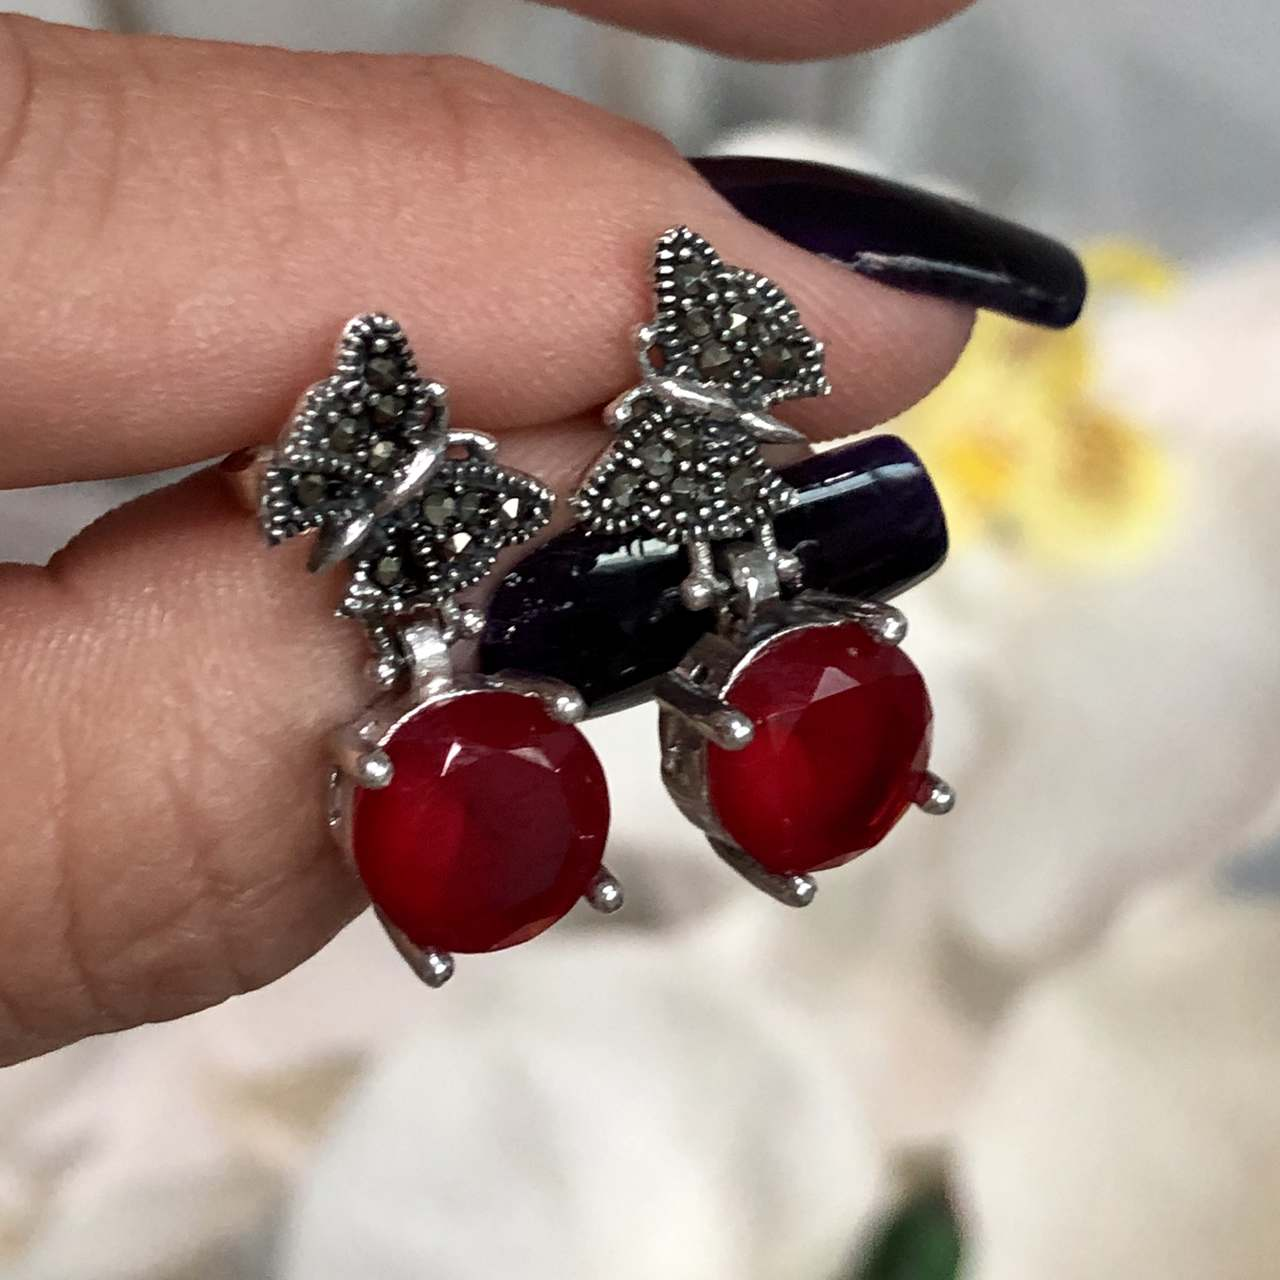 Brinco de Prata 925 Borboleta e Pedra Ágata Vermelha